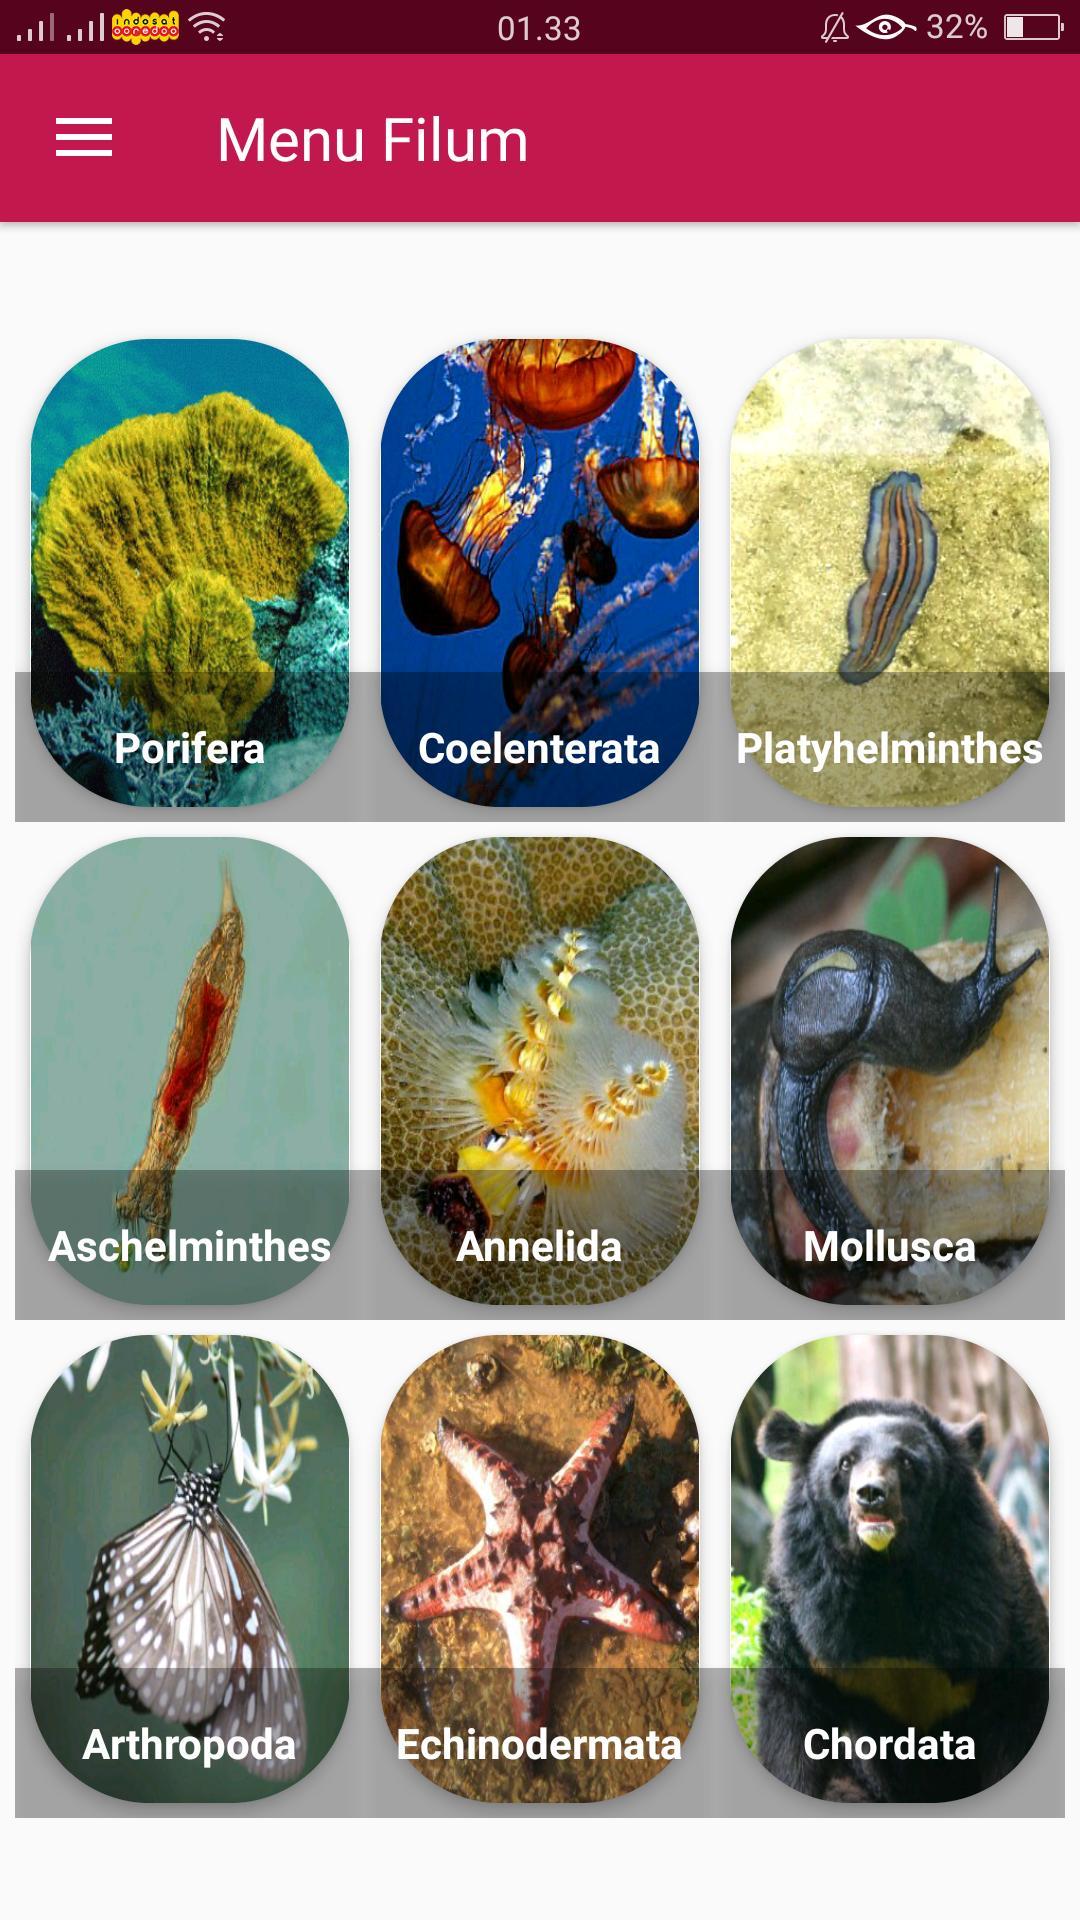 Phylum aschelminthes imagine, Muito mais do que documentos